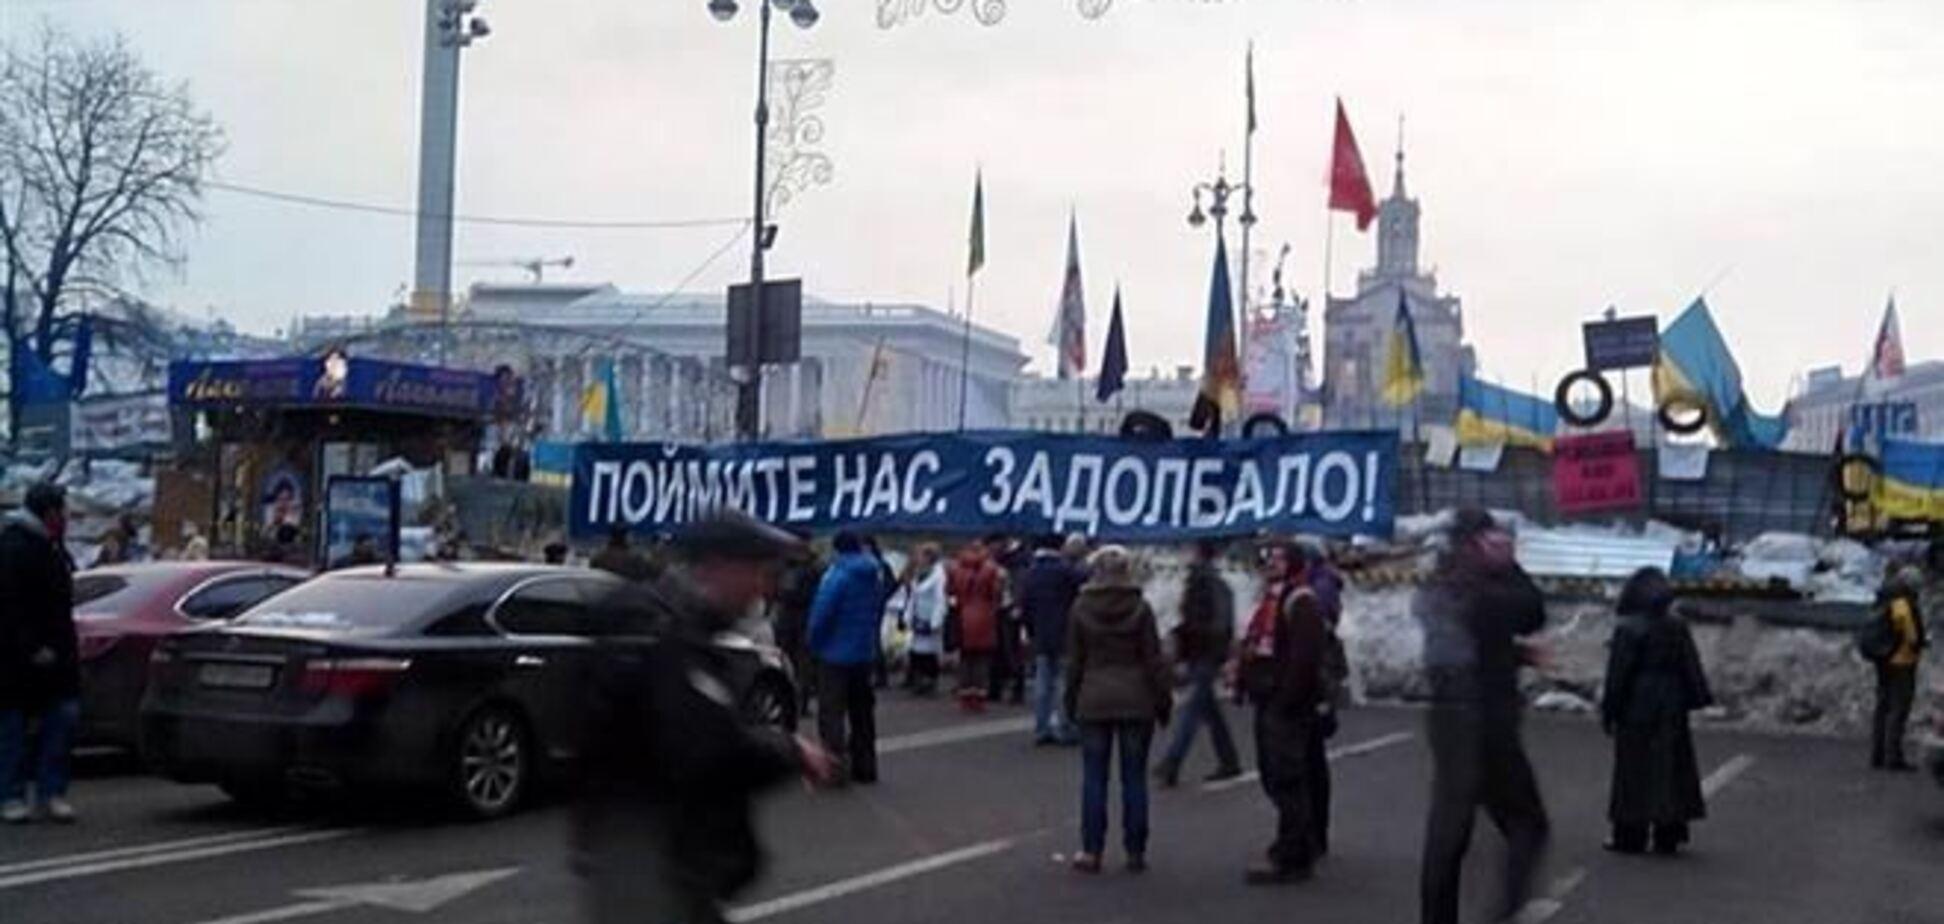 Майдан і вибори: невеселий тест на ефективність